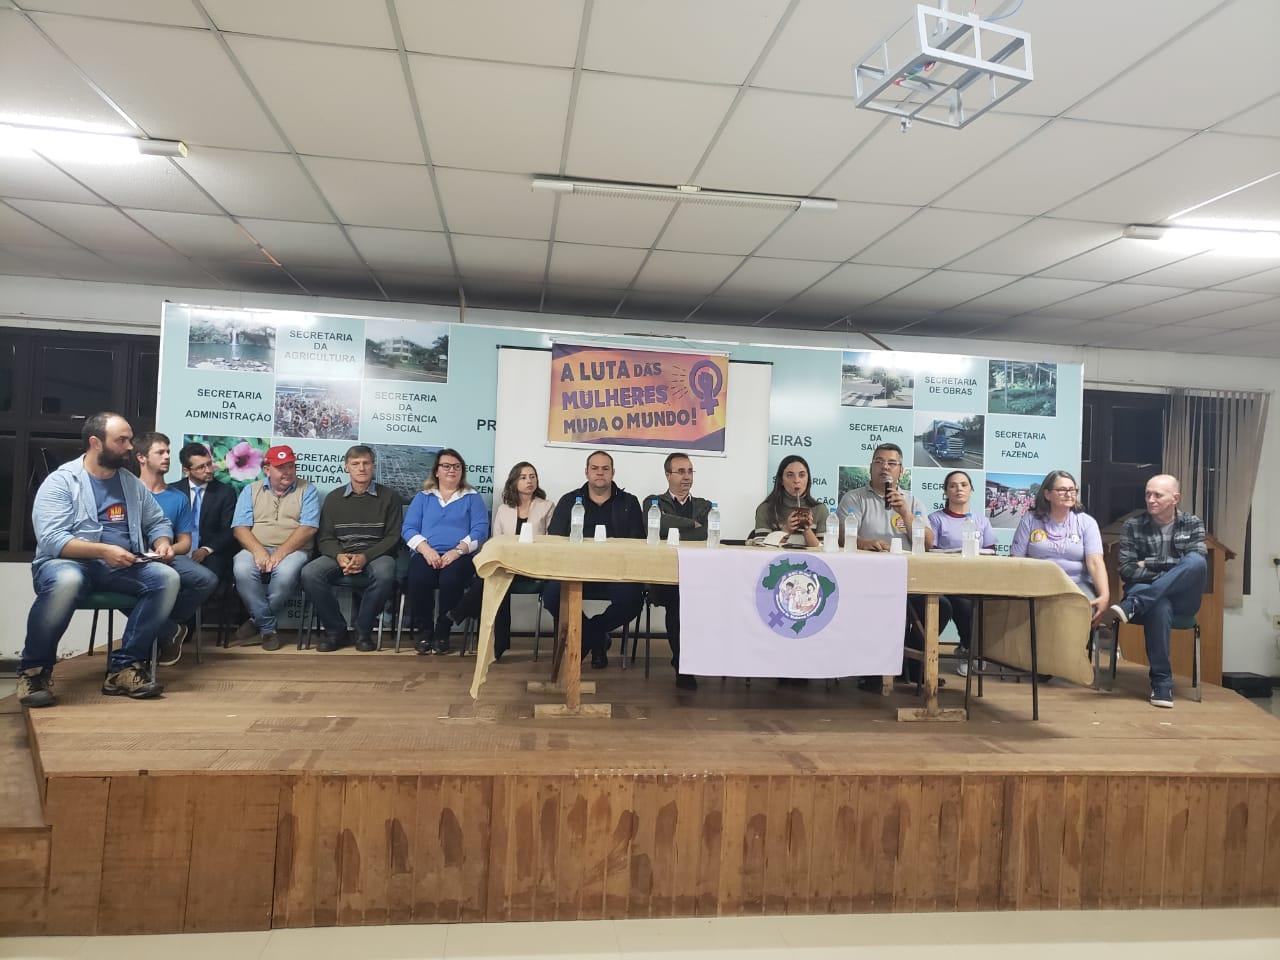 Câmara dos Deputados realiza audiência pública sobre Reforma da Previdência em Três Cachoeiras